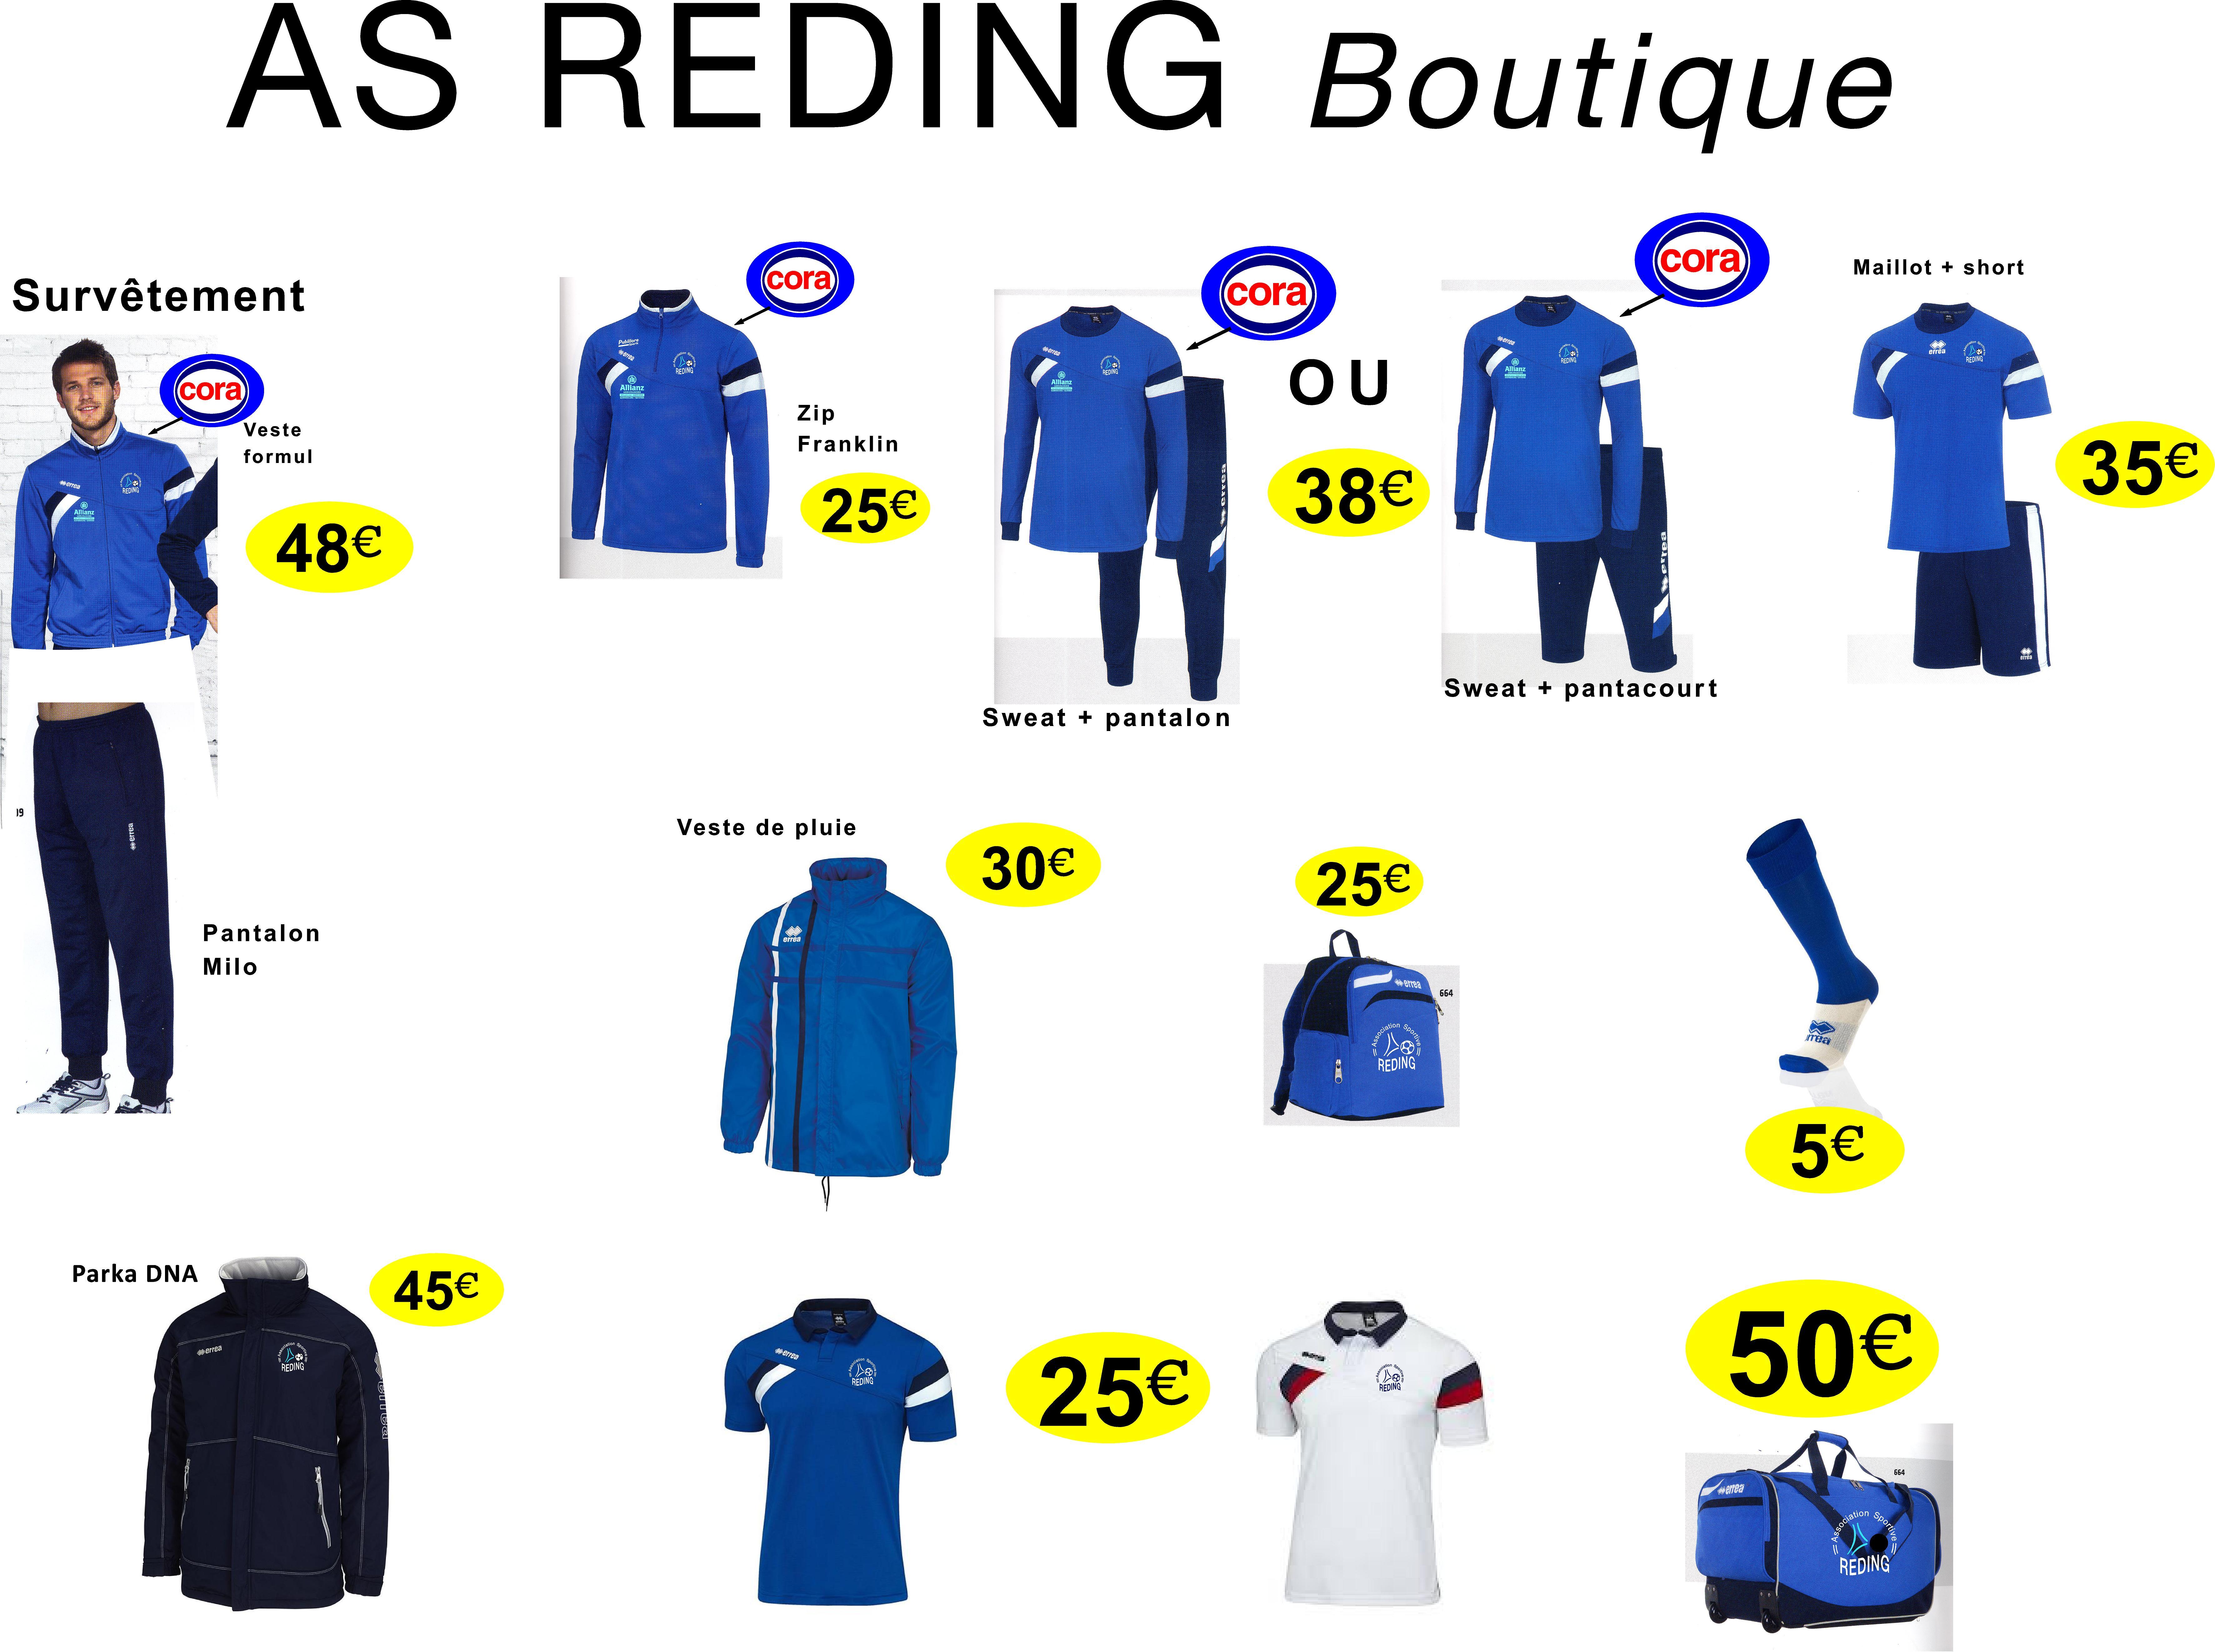 Boutique 2015 à 2017